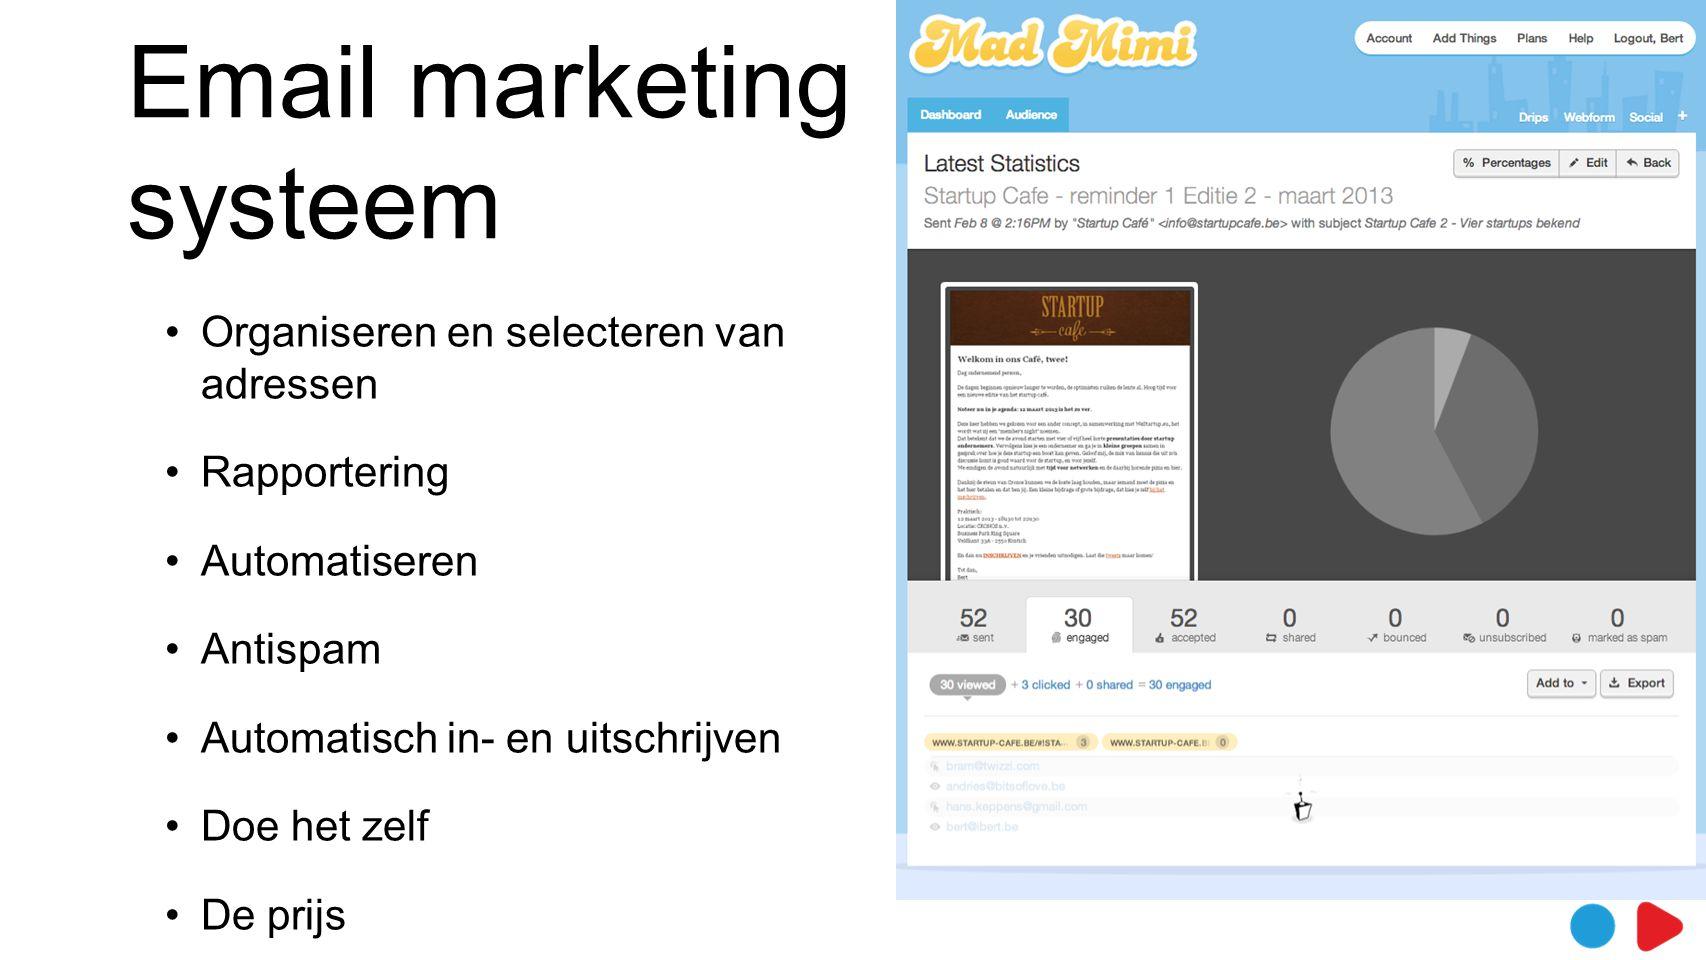 Email marketing systeem •Organiseren en selecteren van adressen •Rapportering •Automatiseren •Antispam •Automatisch in- en uitschrijven •Doe het zelf